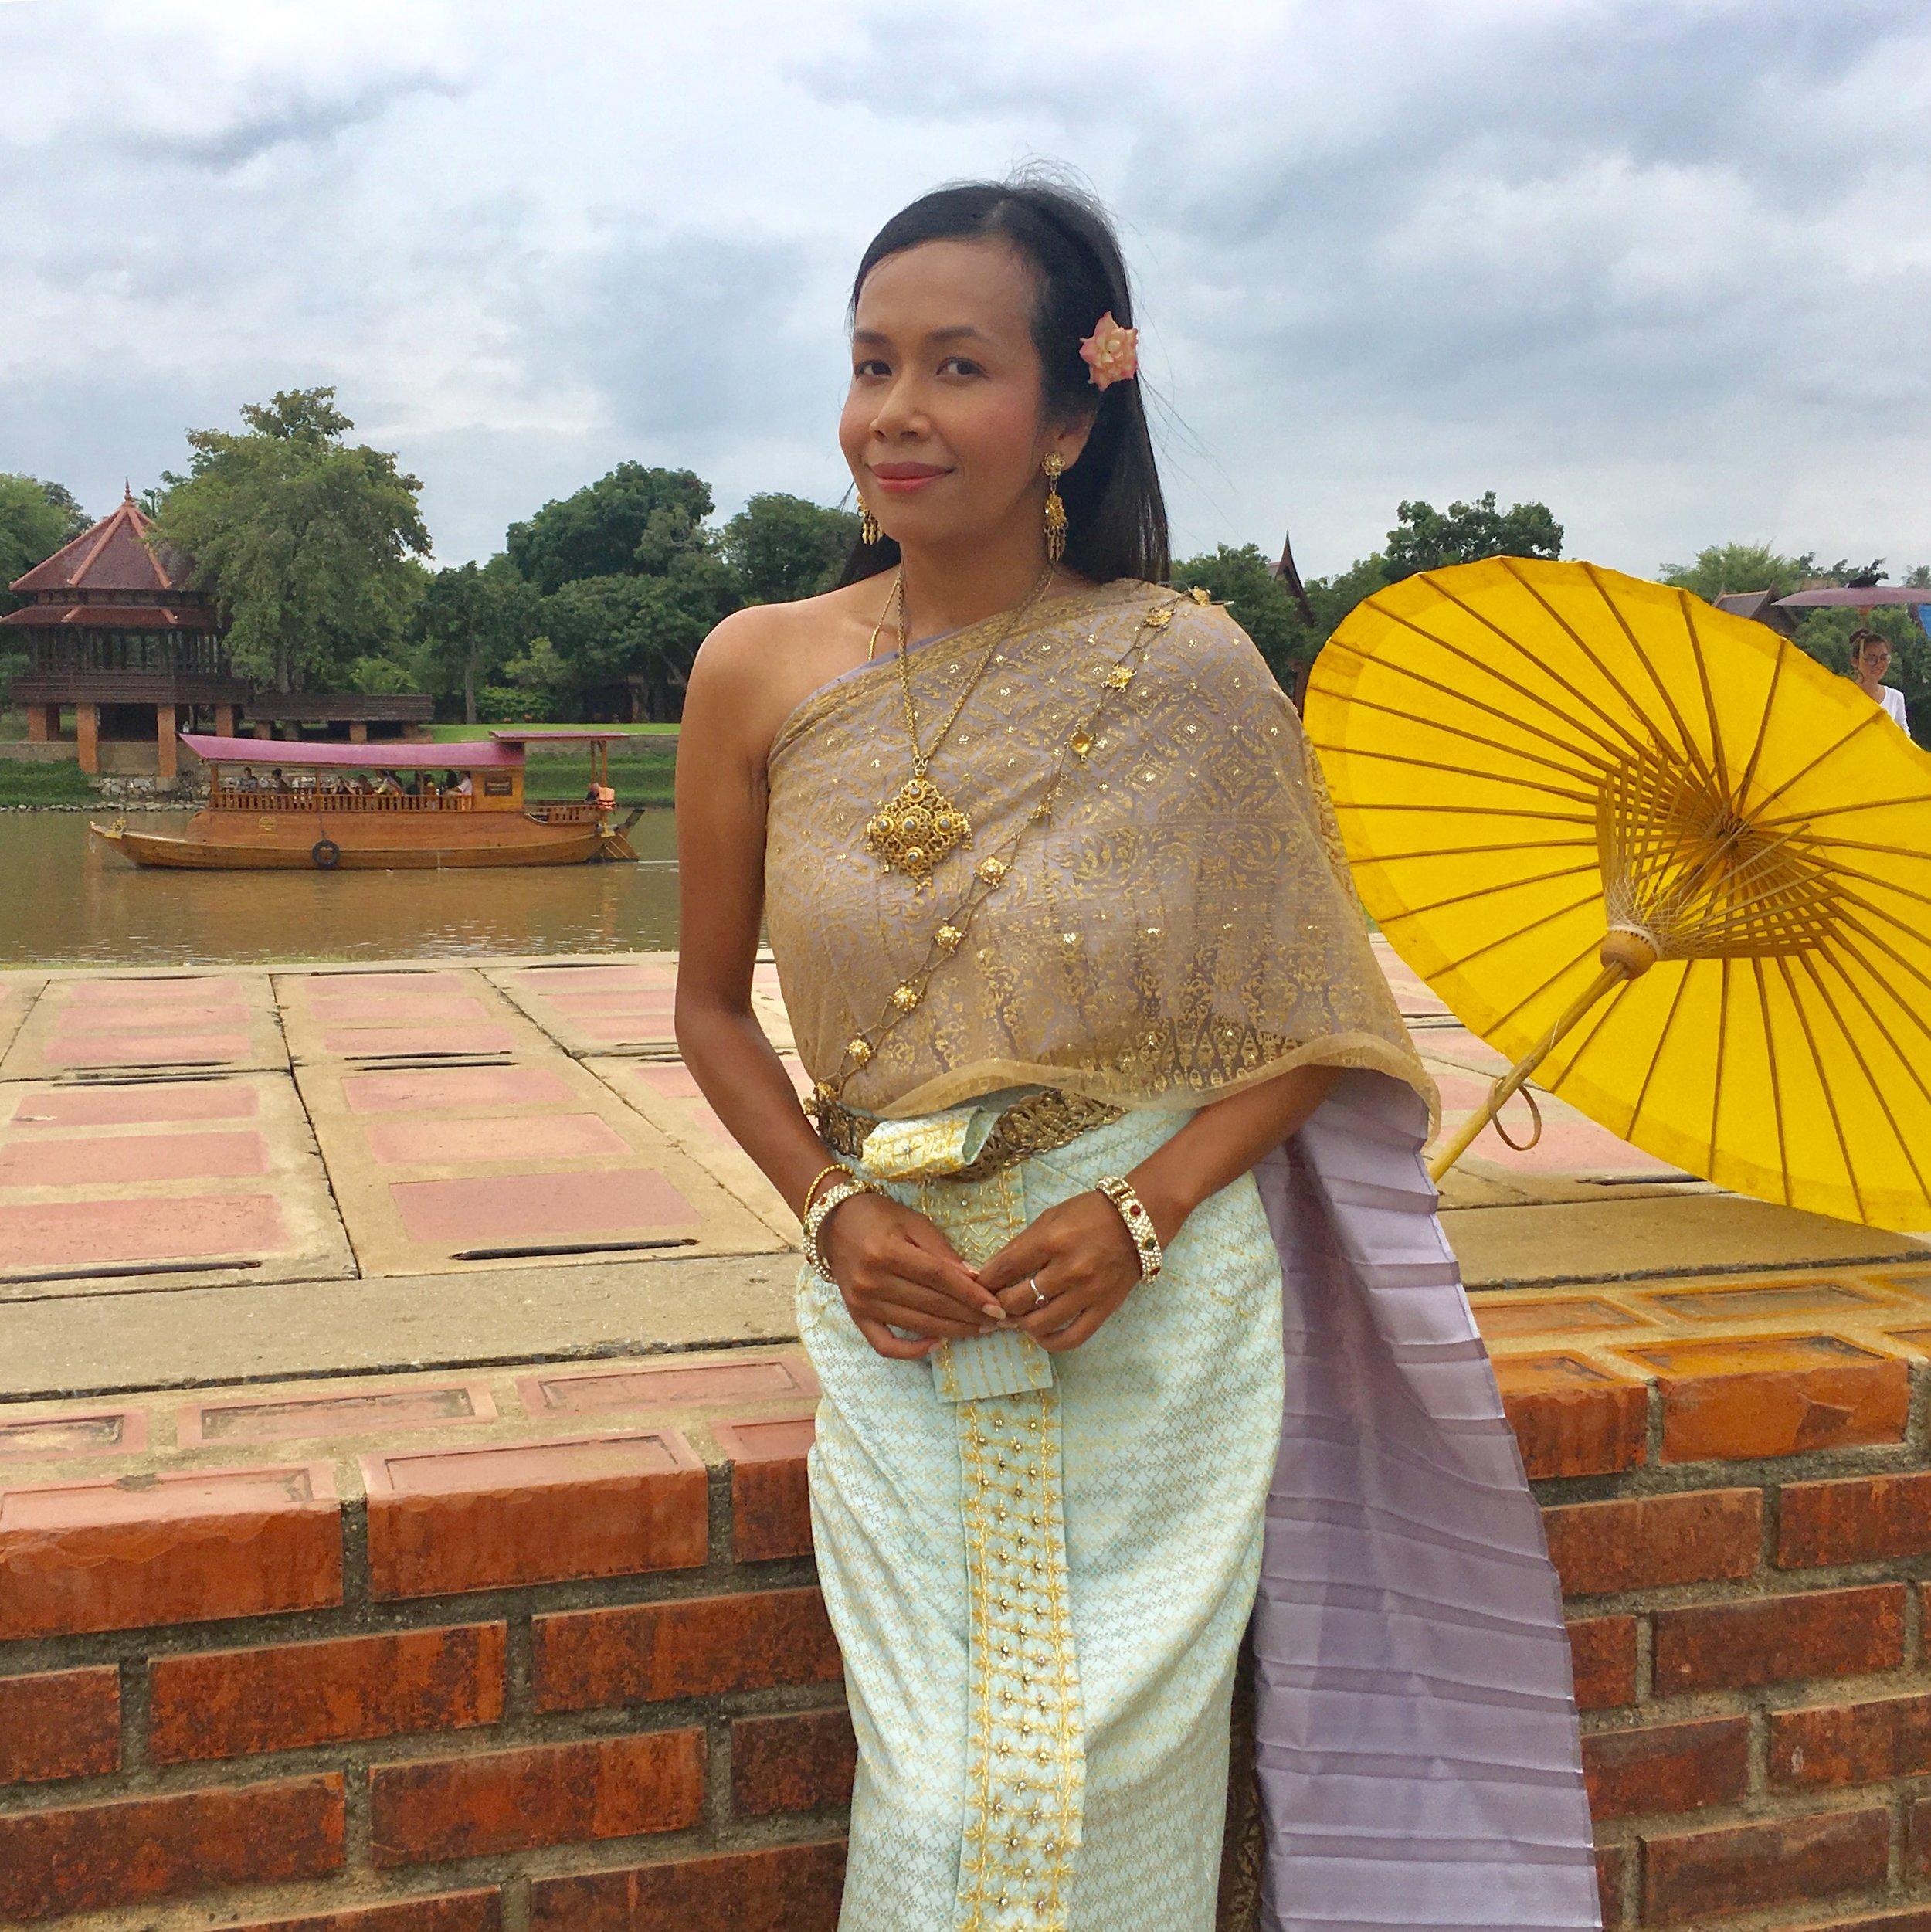 Renu in period dress in Ayutthaya